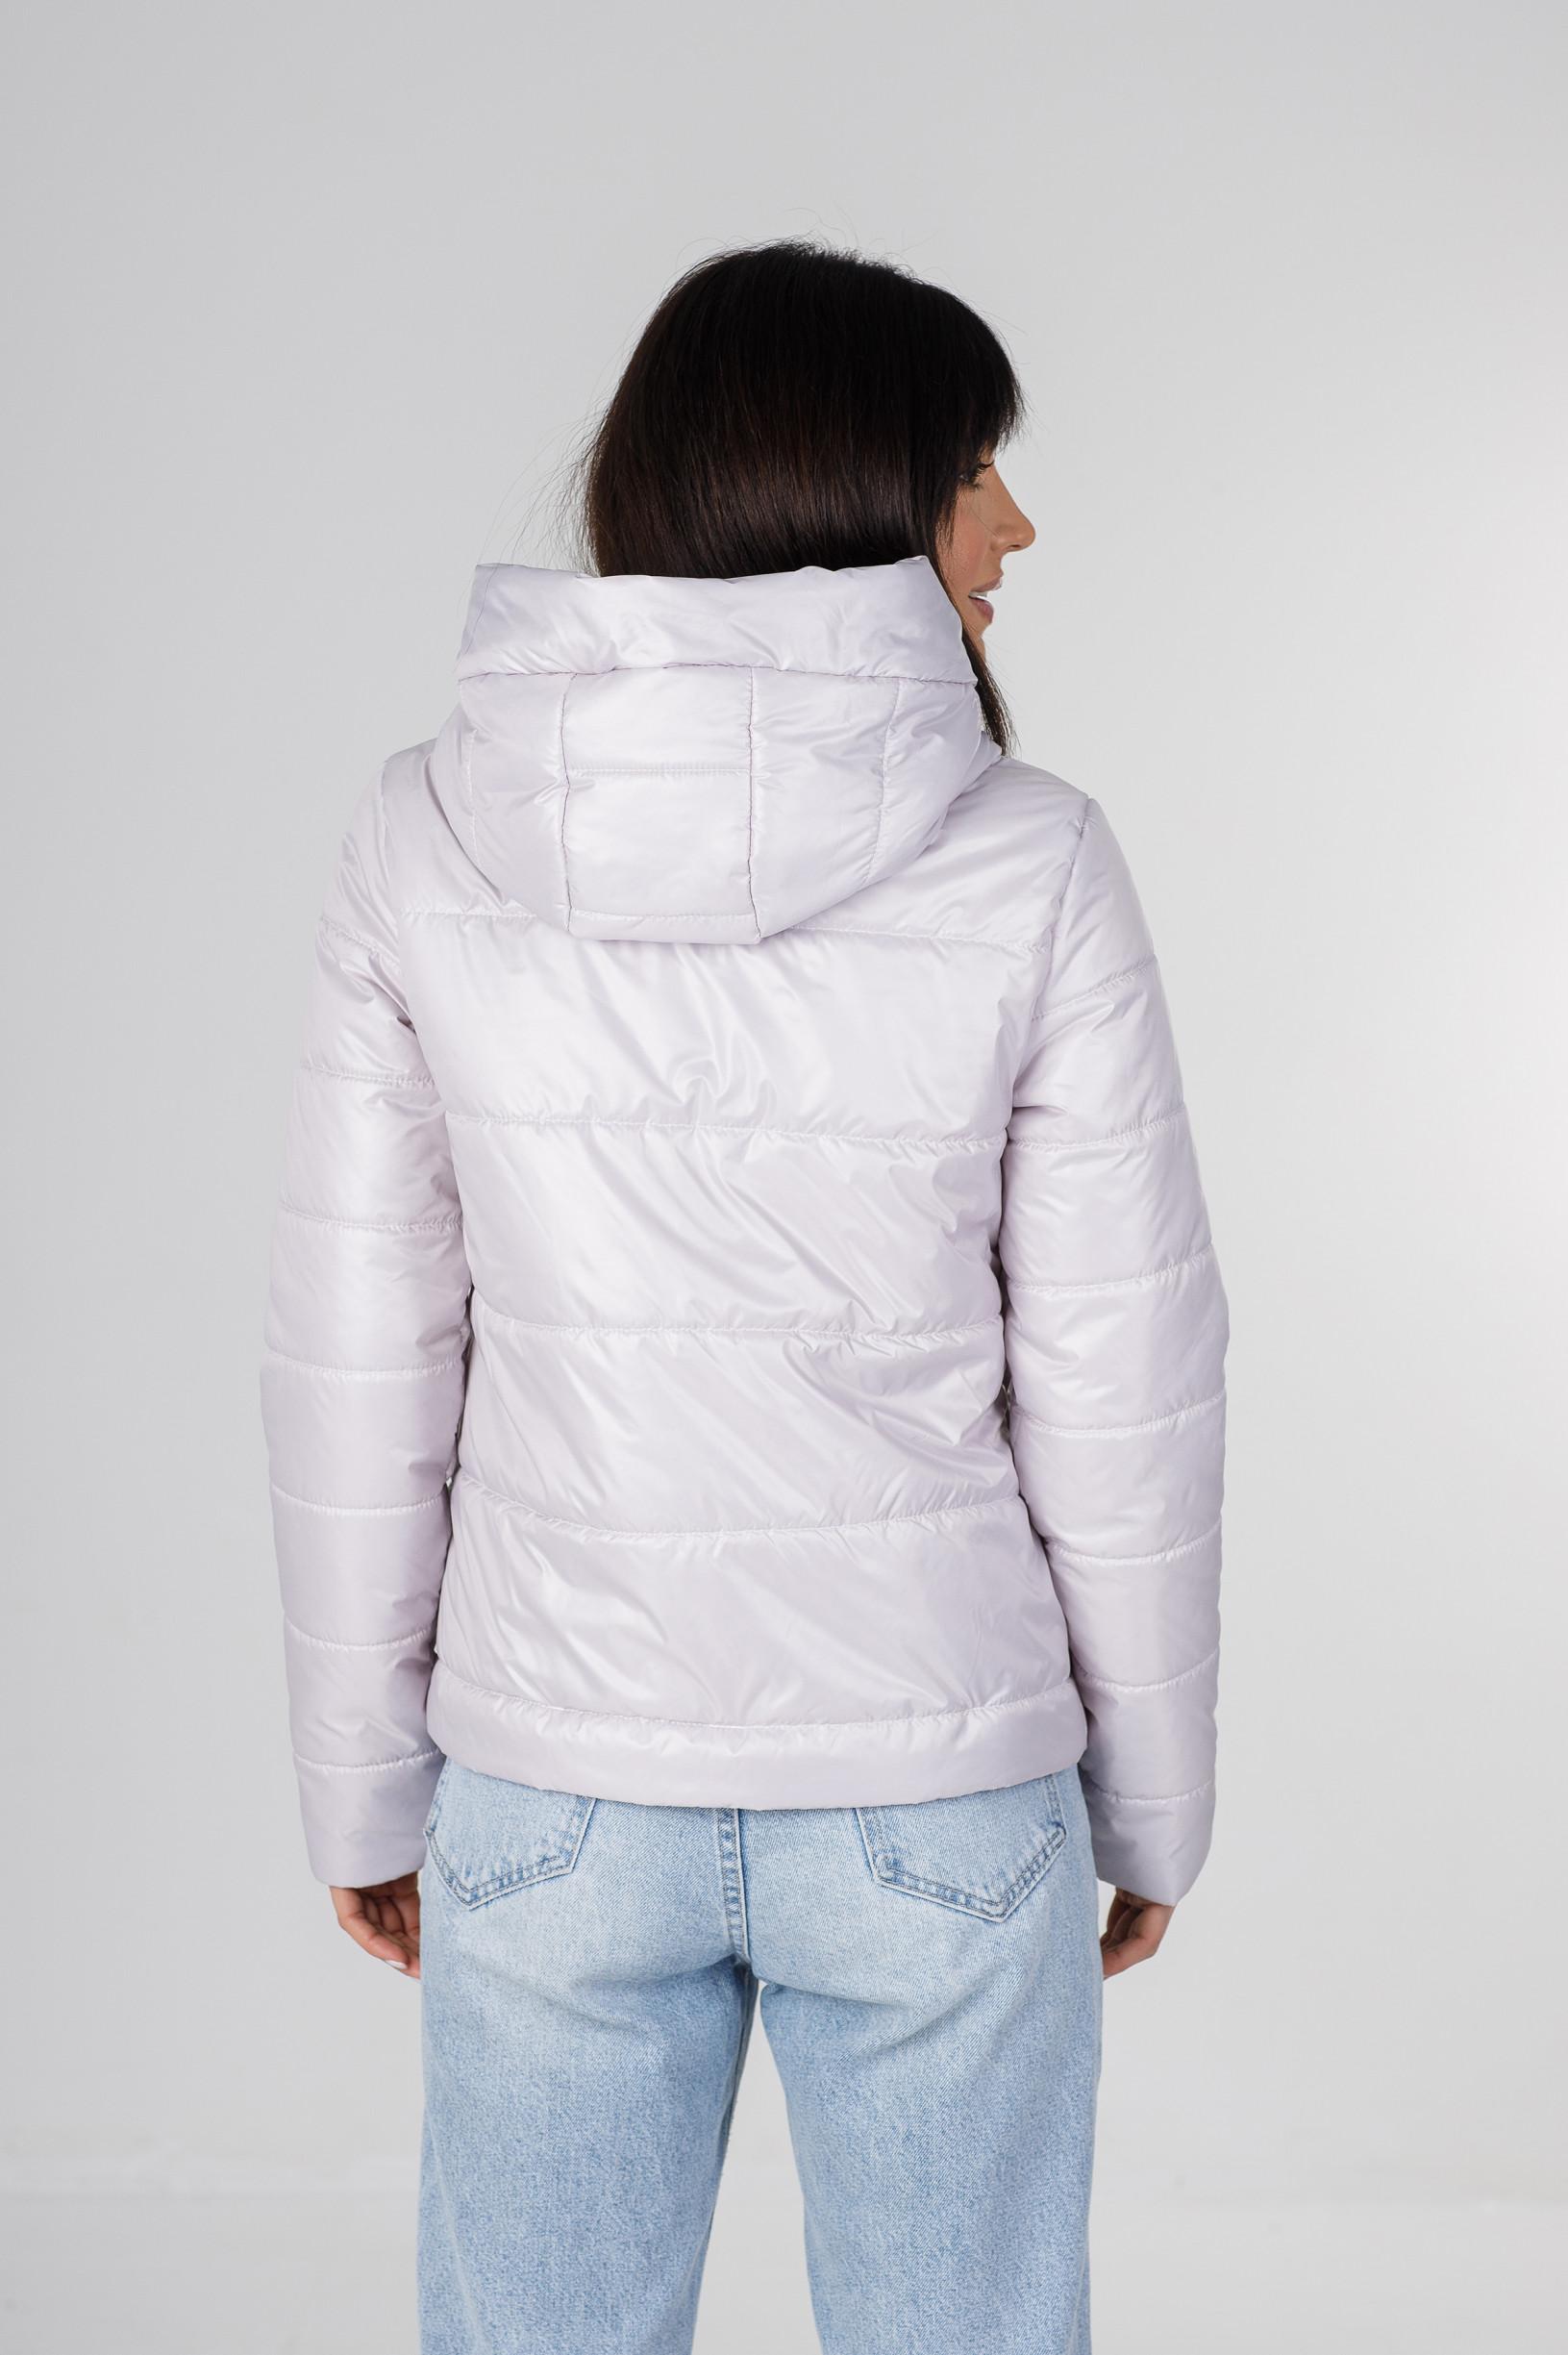 Демисезонная укороченная серая куртка Лия